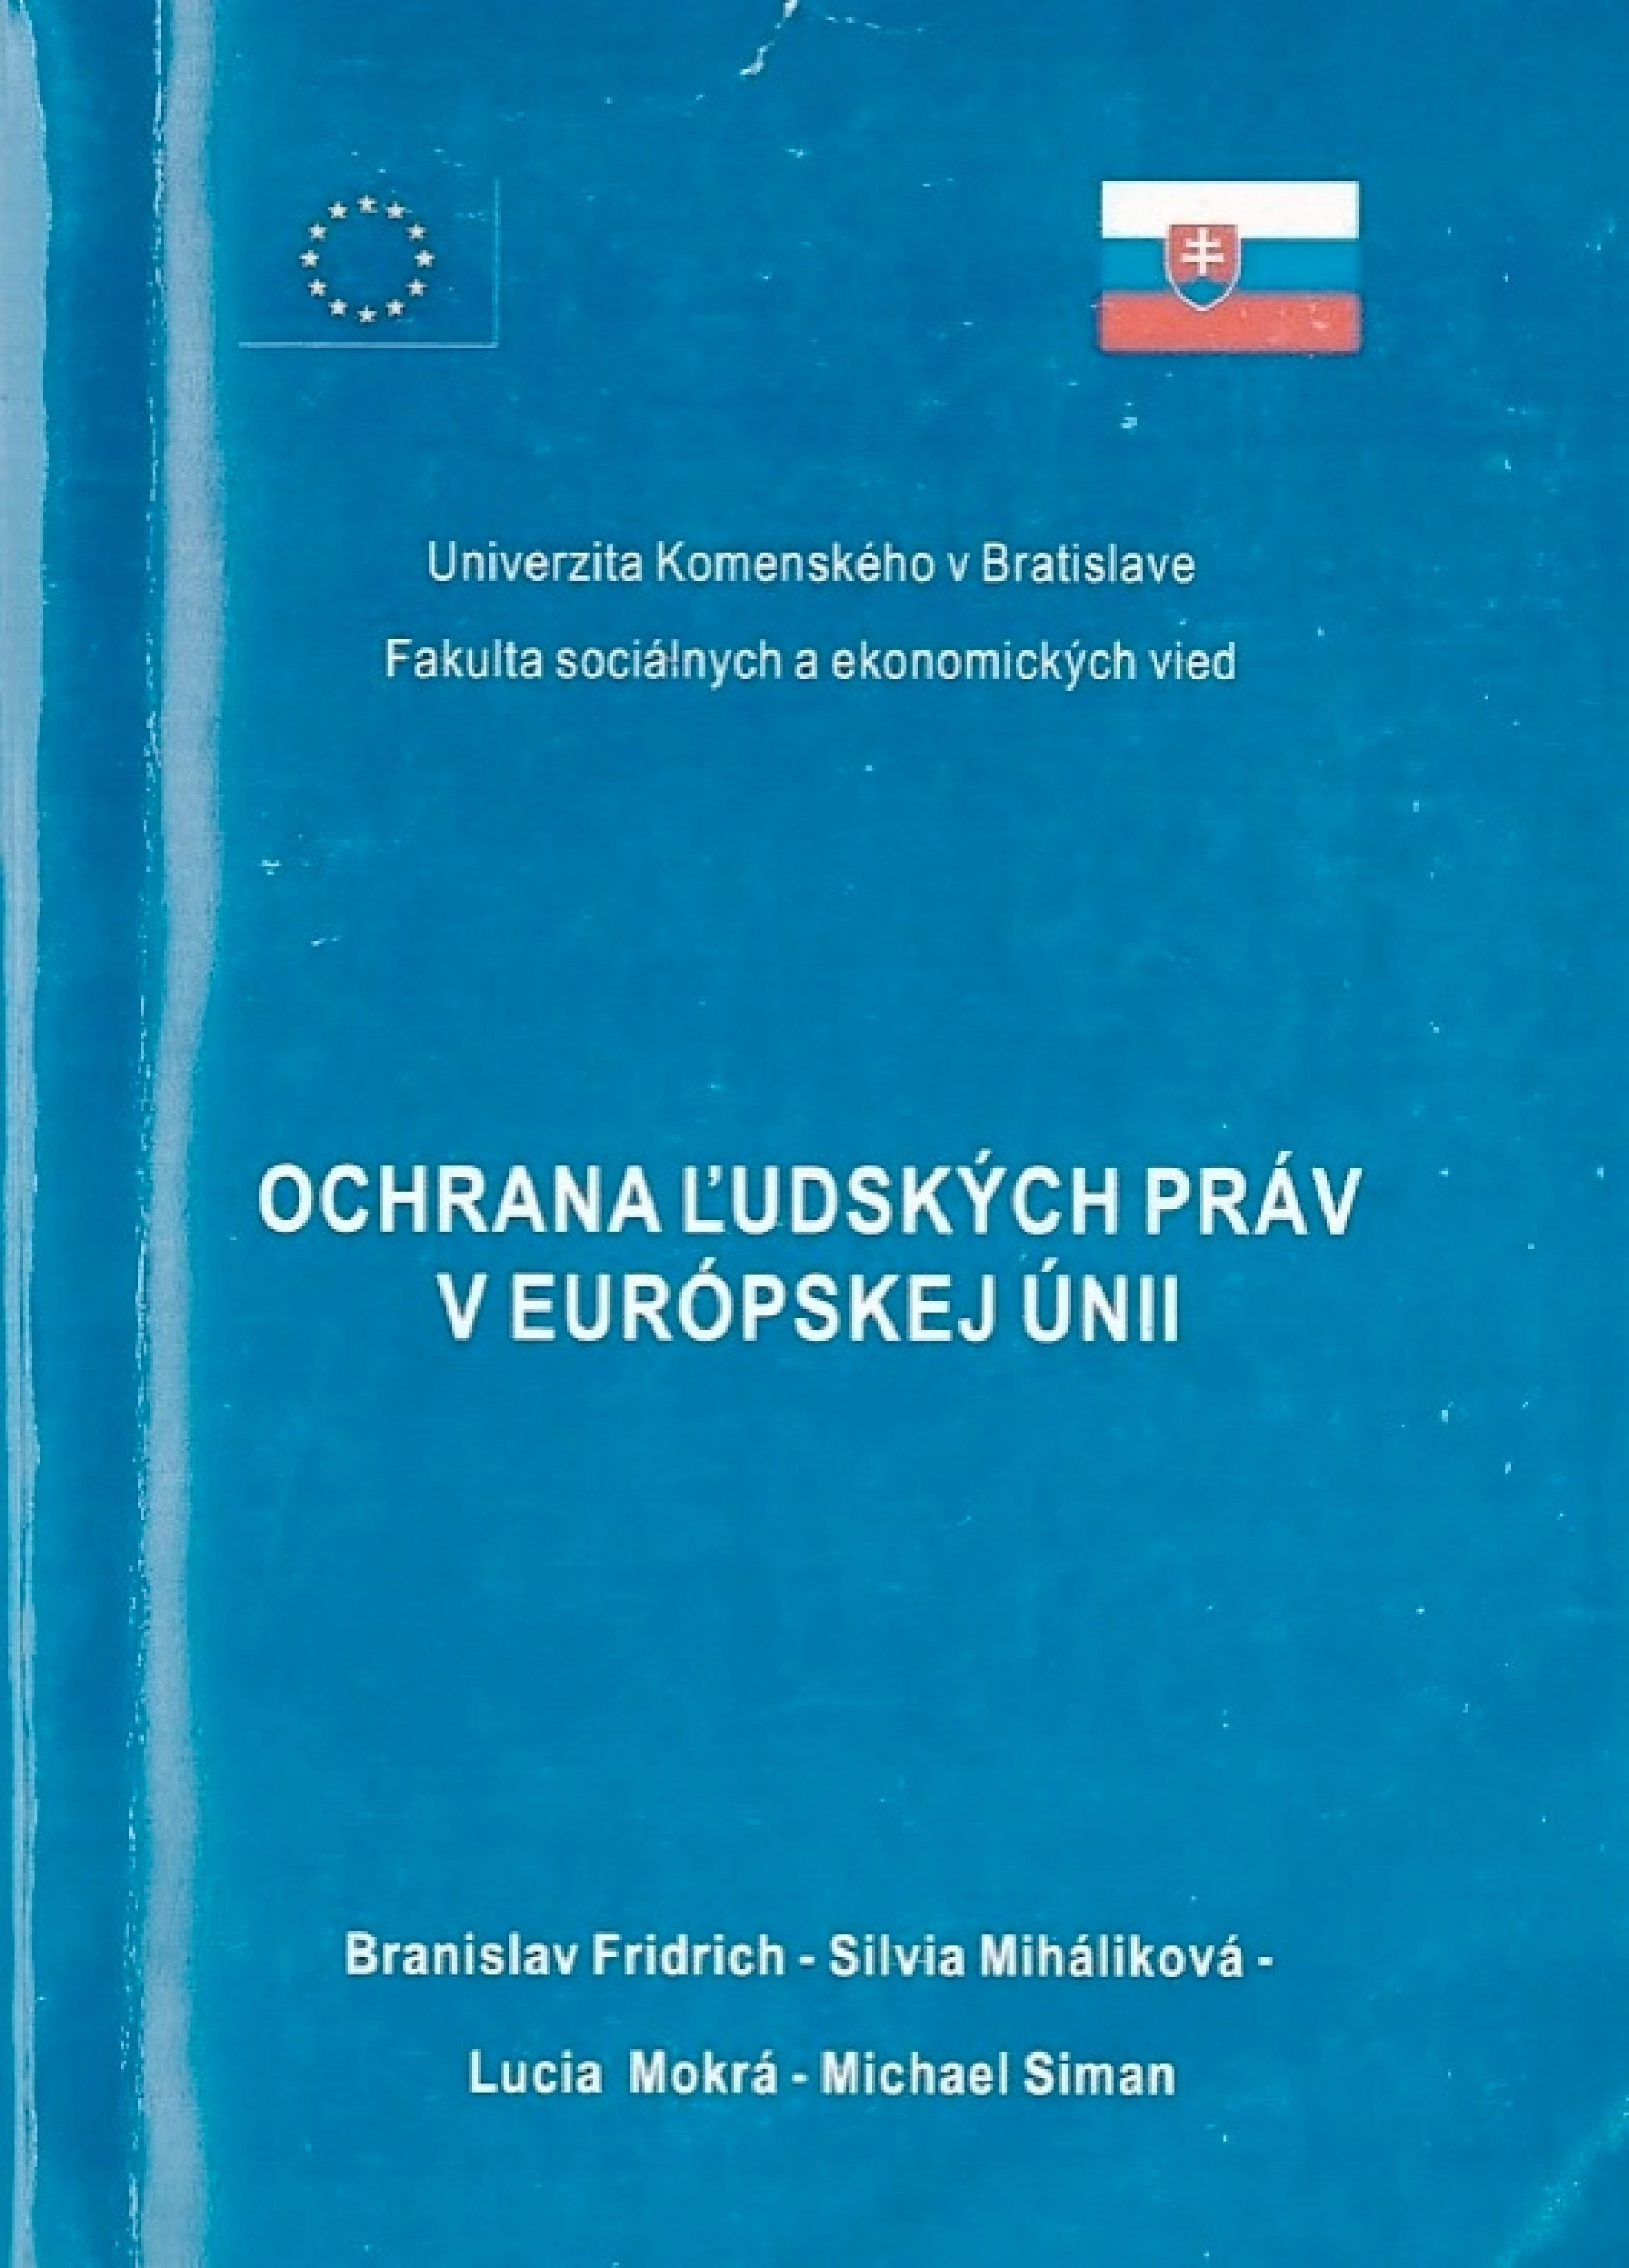 Ochrana ľudských práv v Európskej únii